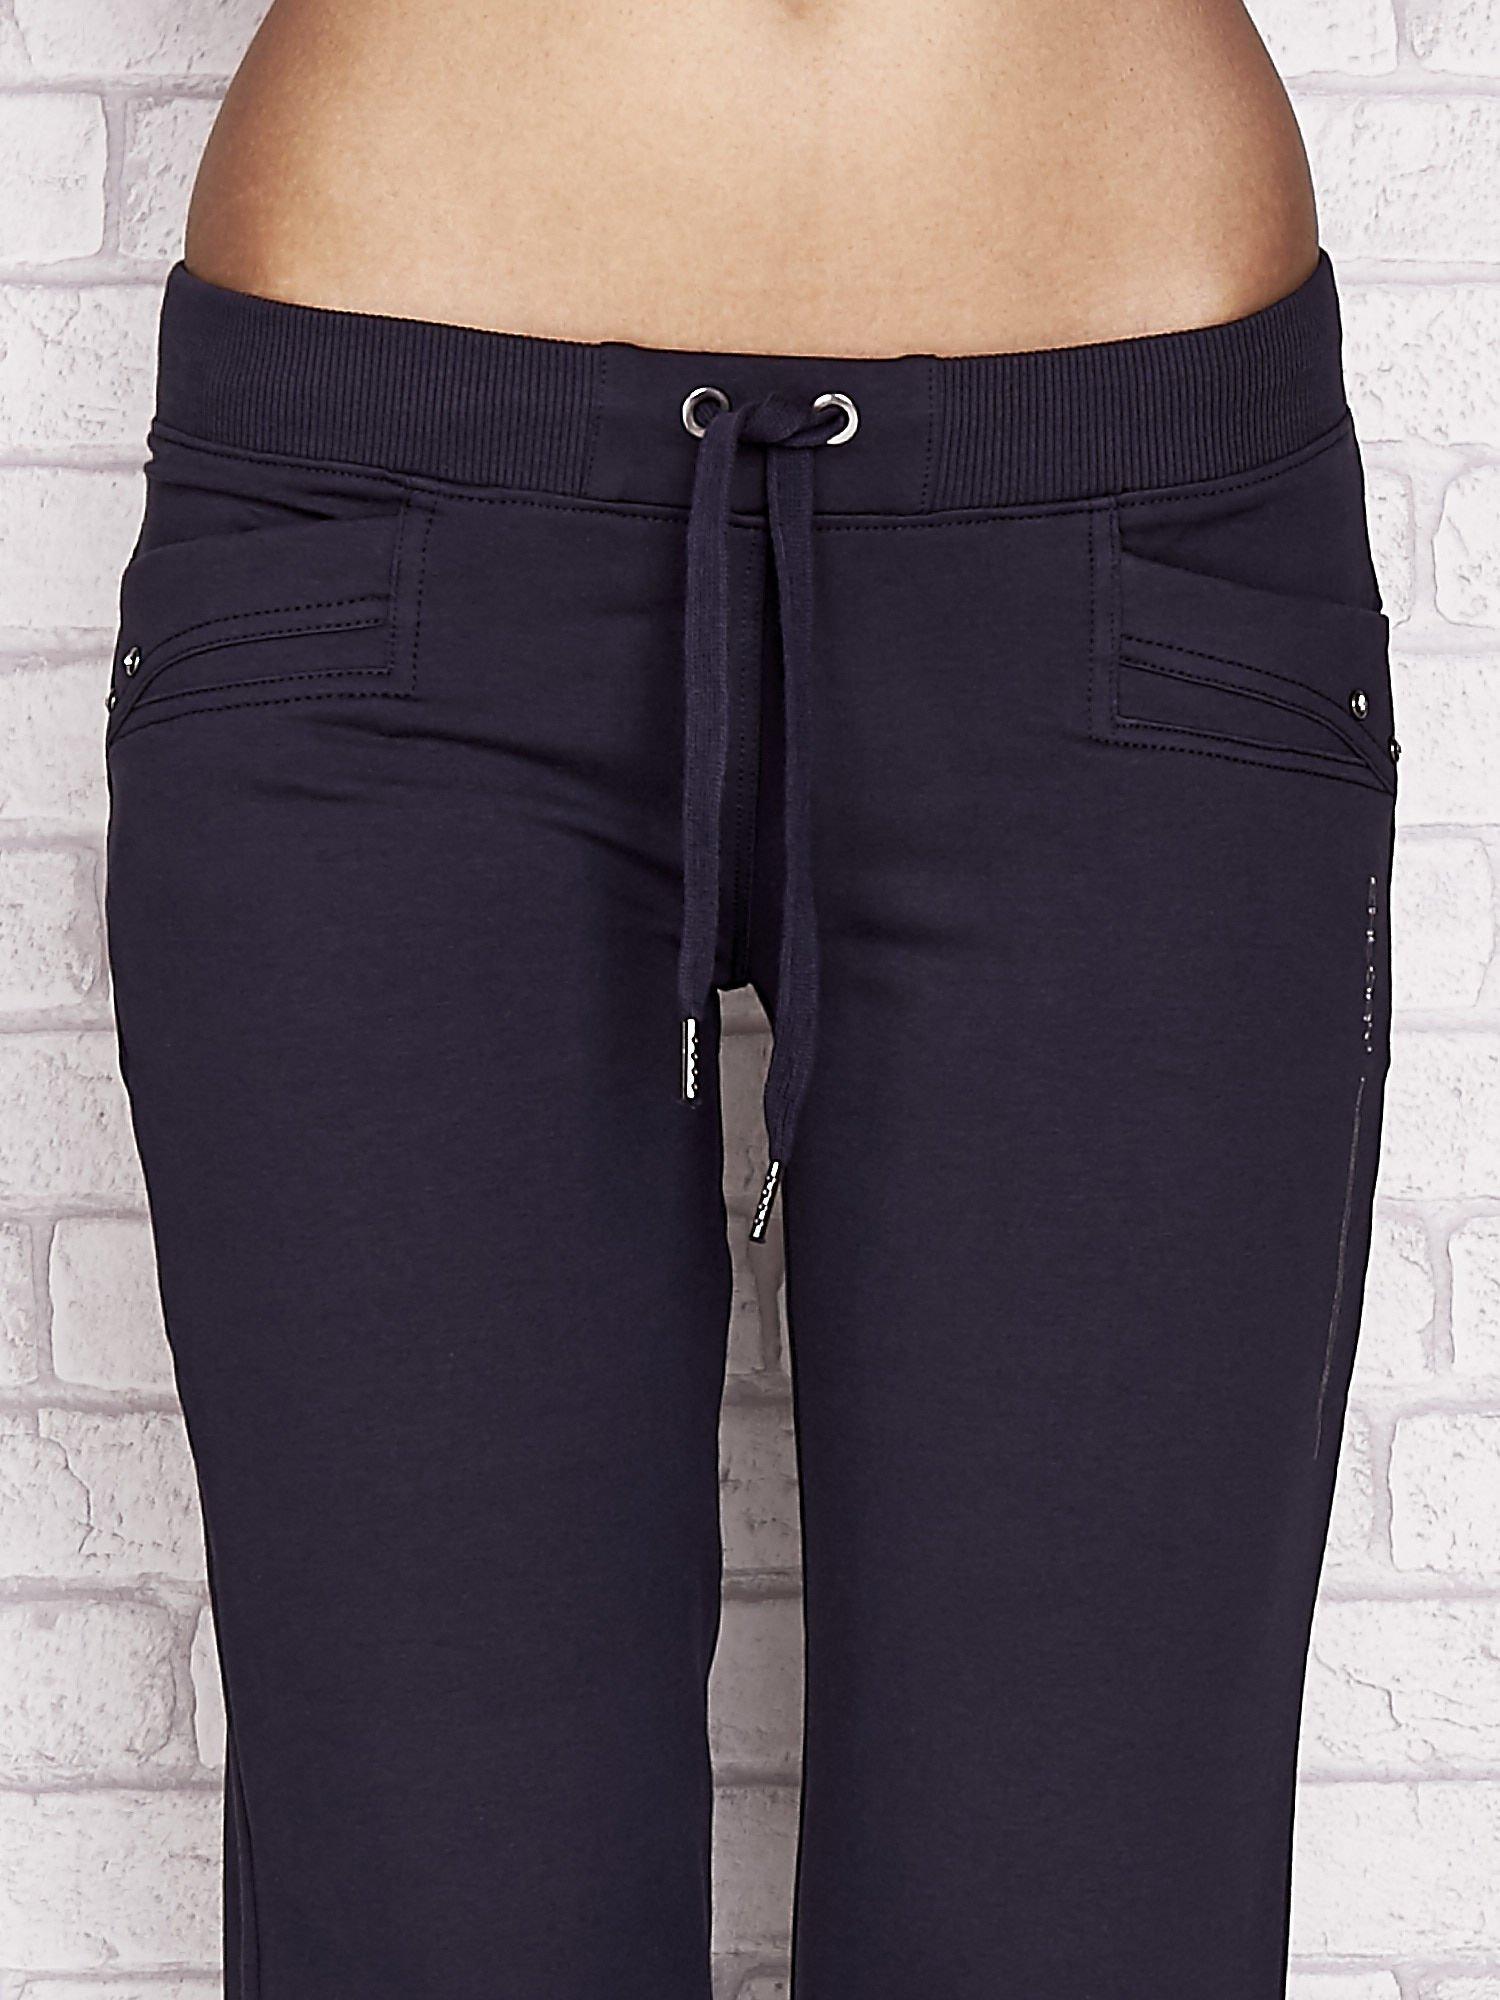 Grafitowe spodnie dresowe capri z dżetami na kieszeniach                                  zdj.                                  4